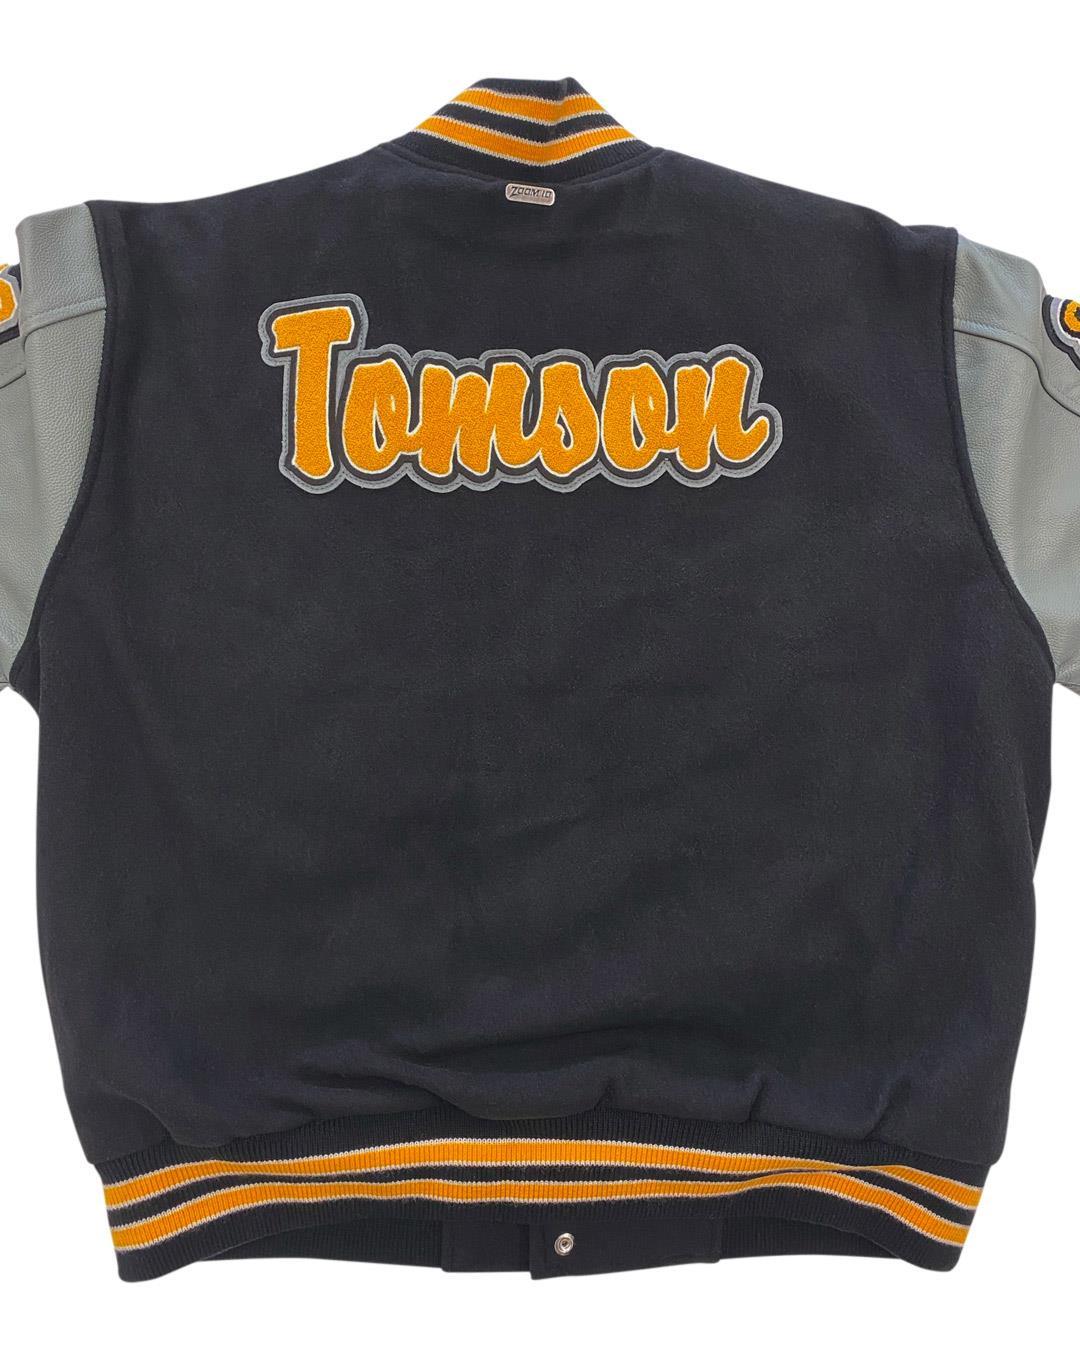 Caddo High School Letterman Jacket, Caddo OK